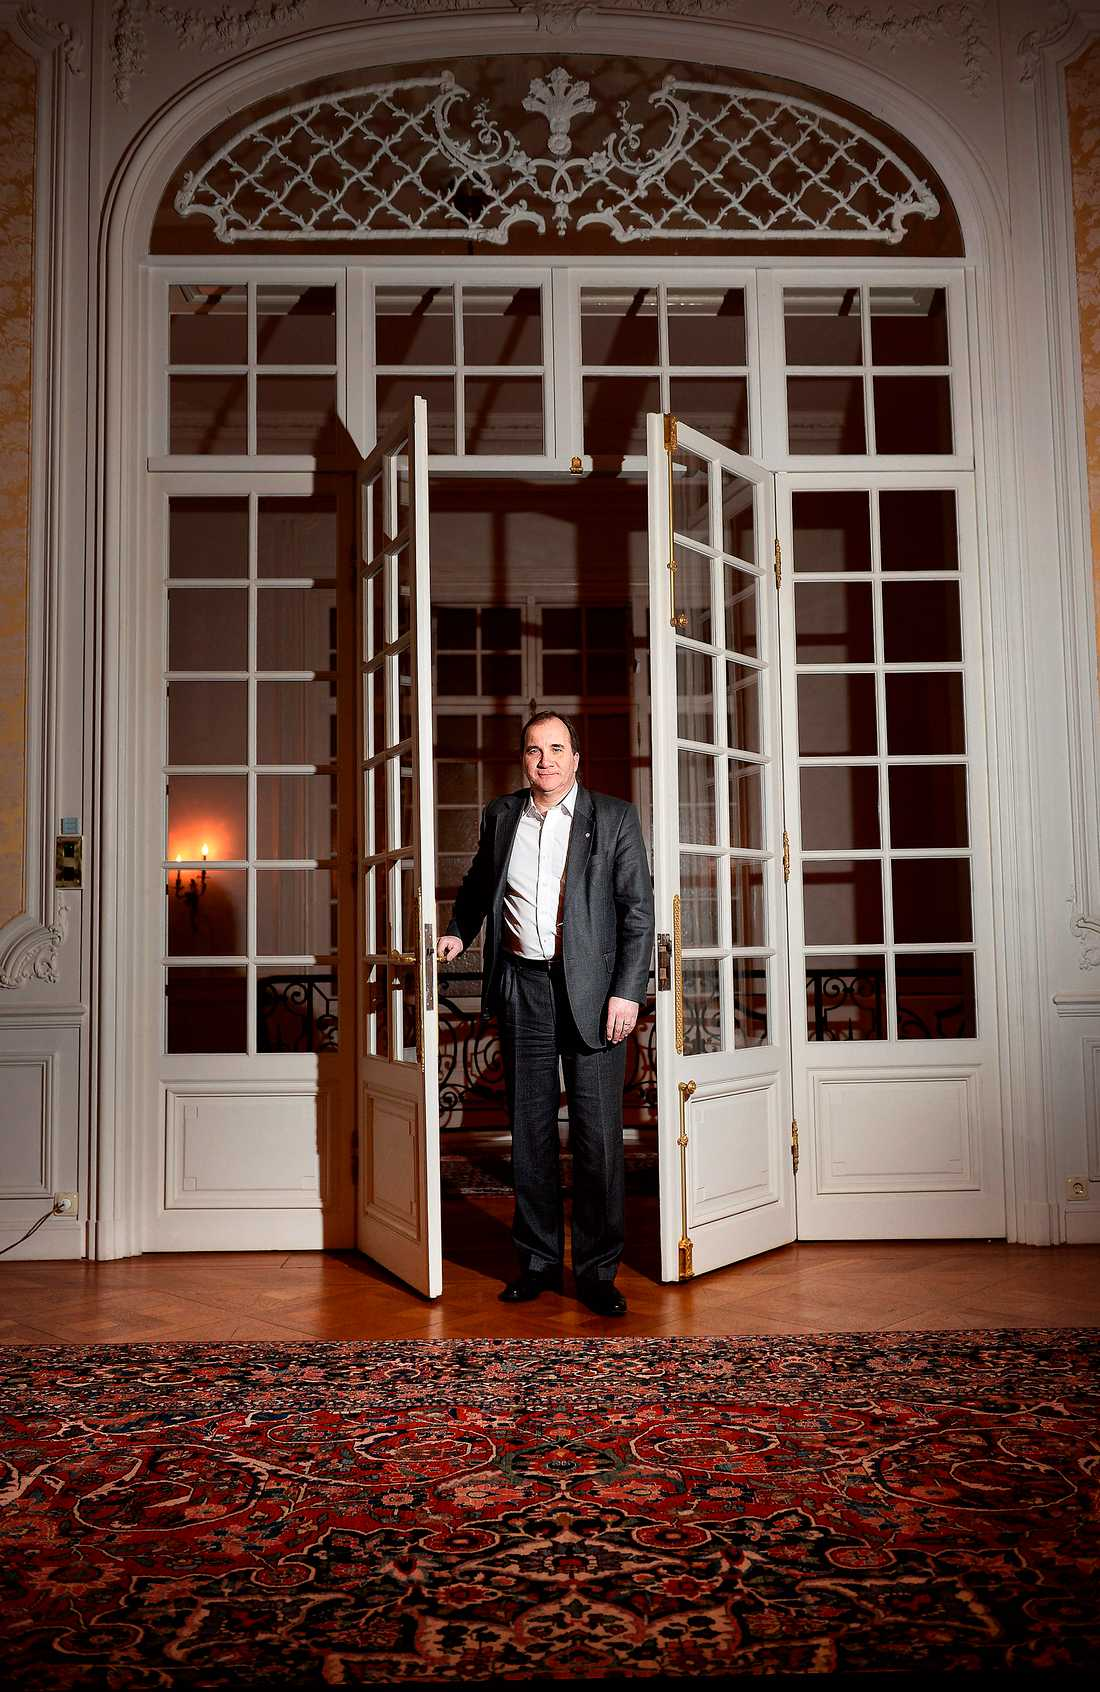 I en exklusiv första intervju för Aftonbladets Mattias Sandberg berättar Stefan Löfven inifrån Sagerska huset nu om decemberöverenskommelsen, hur han ska försvaga SD – och Alliansens planer på att ta över regeringsmakten.